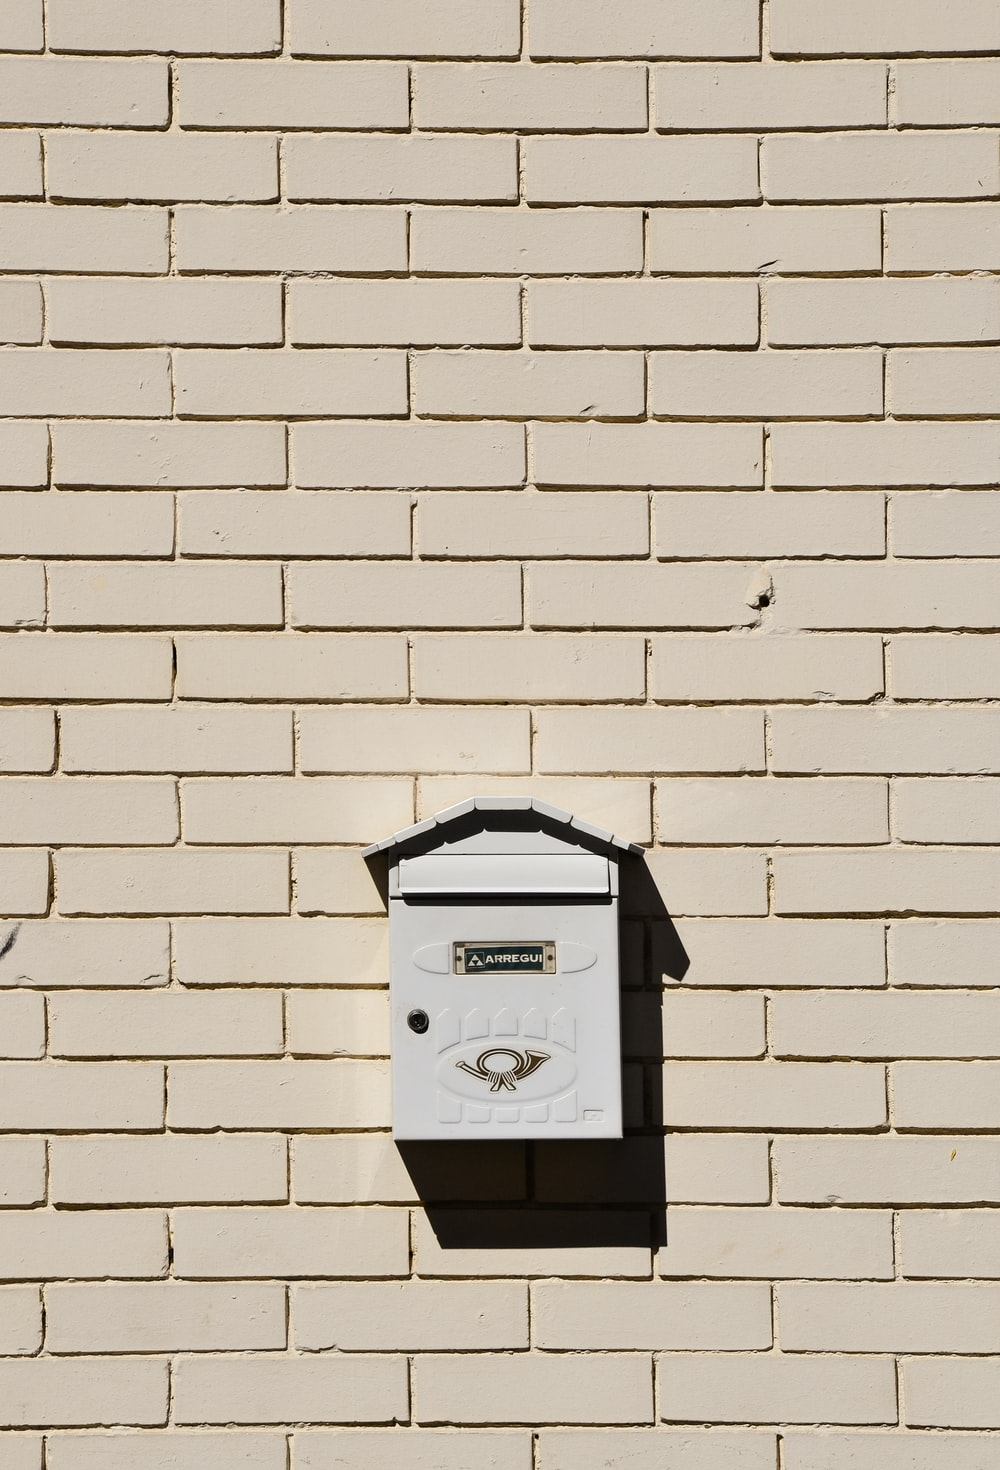 black mail box mounted on white brick wall